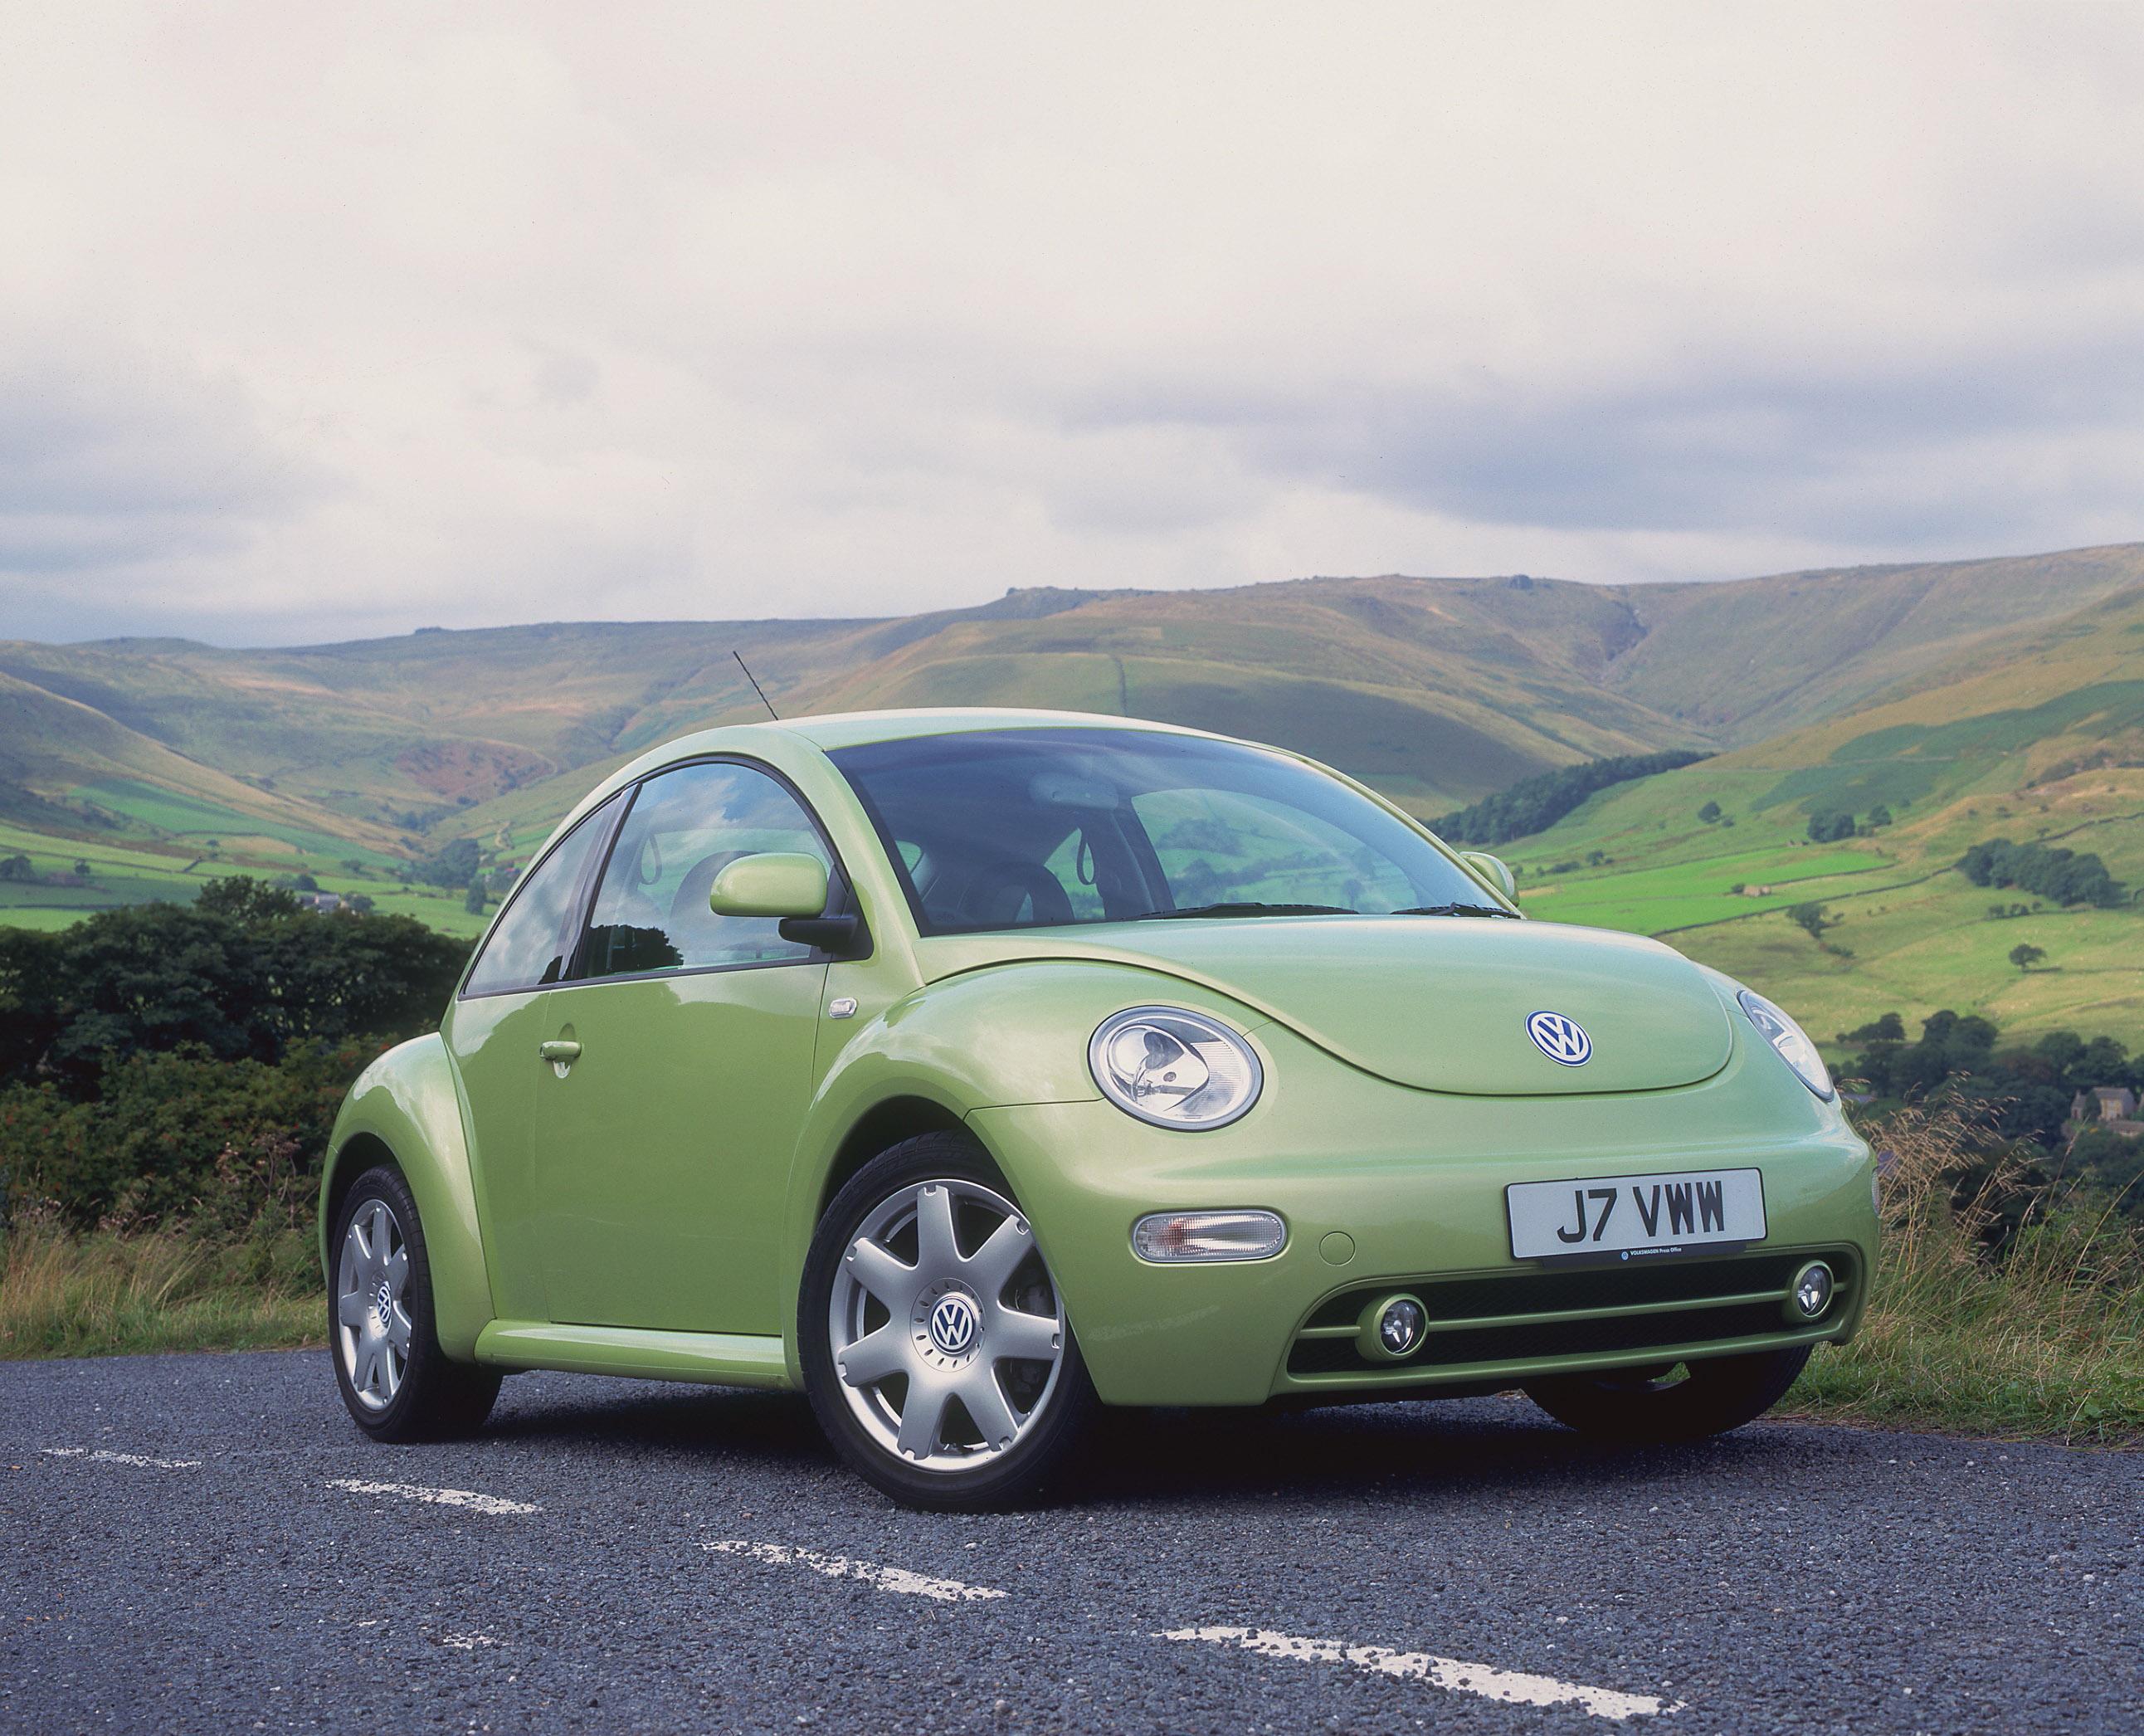 2005 Volkswagen Beetle - Picture 71763